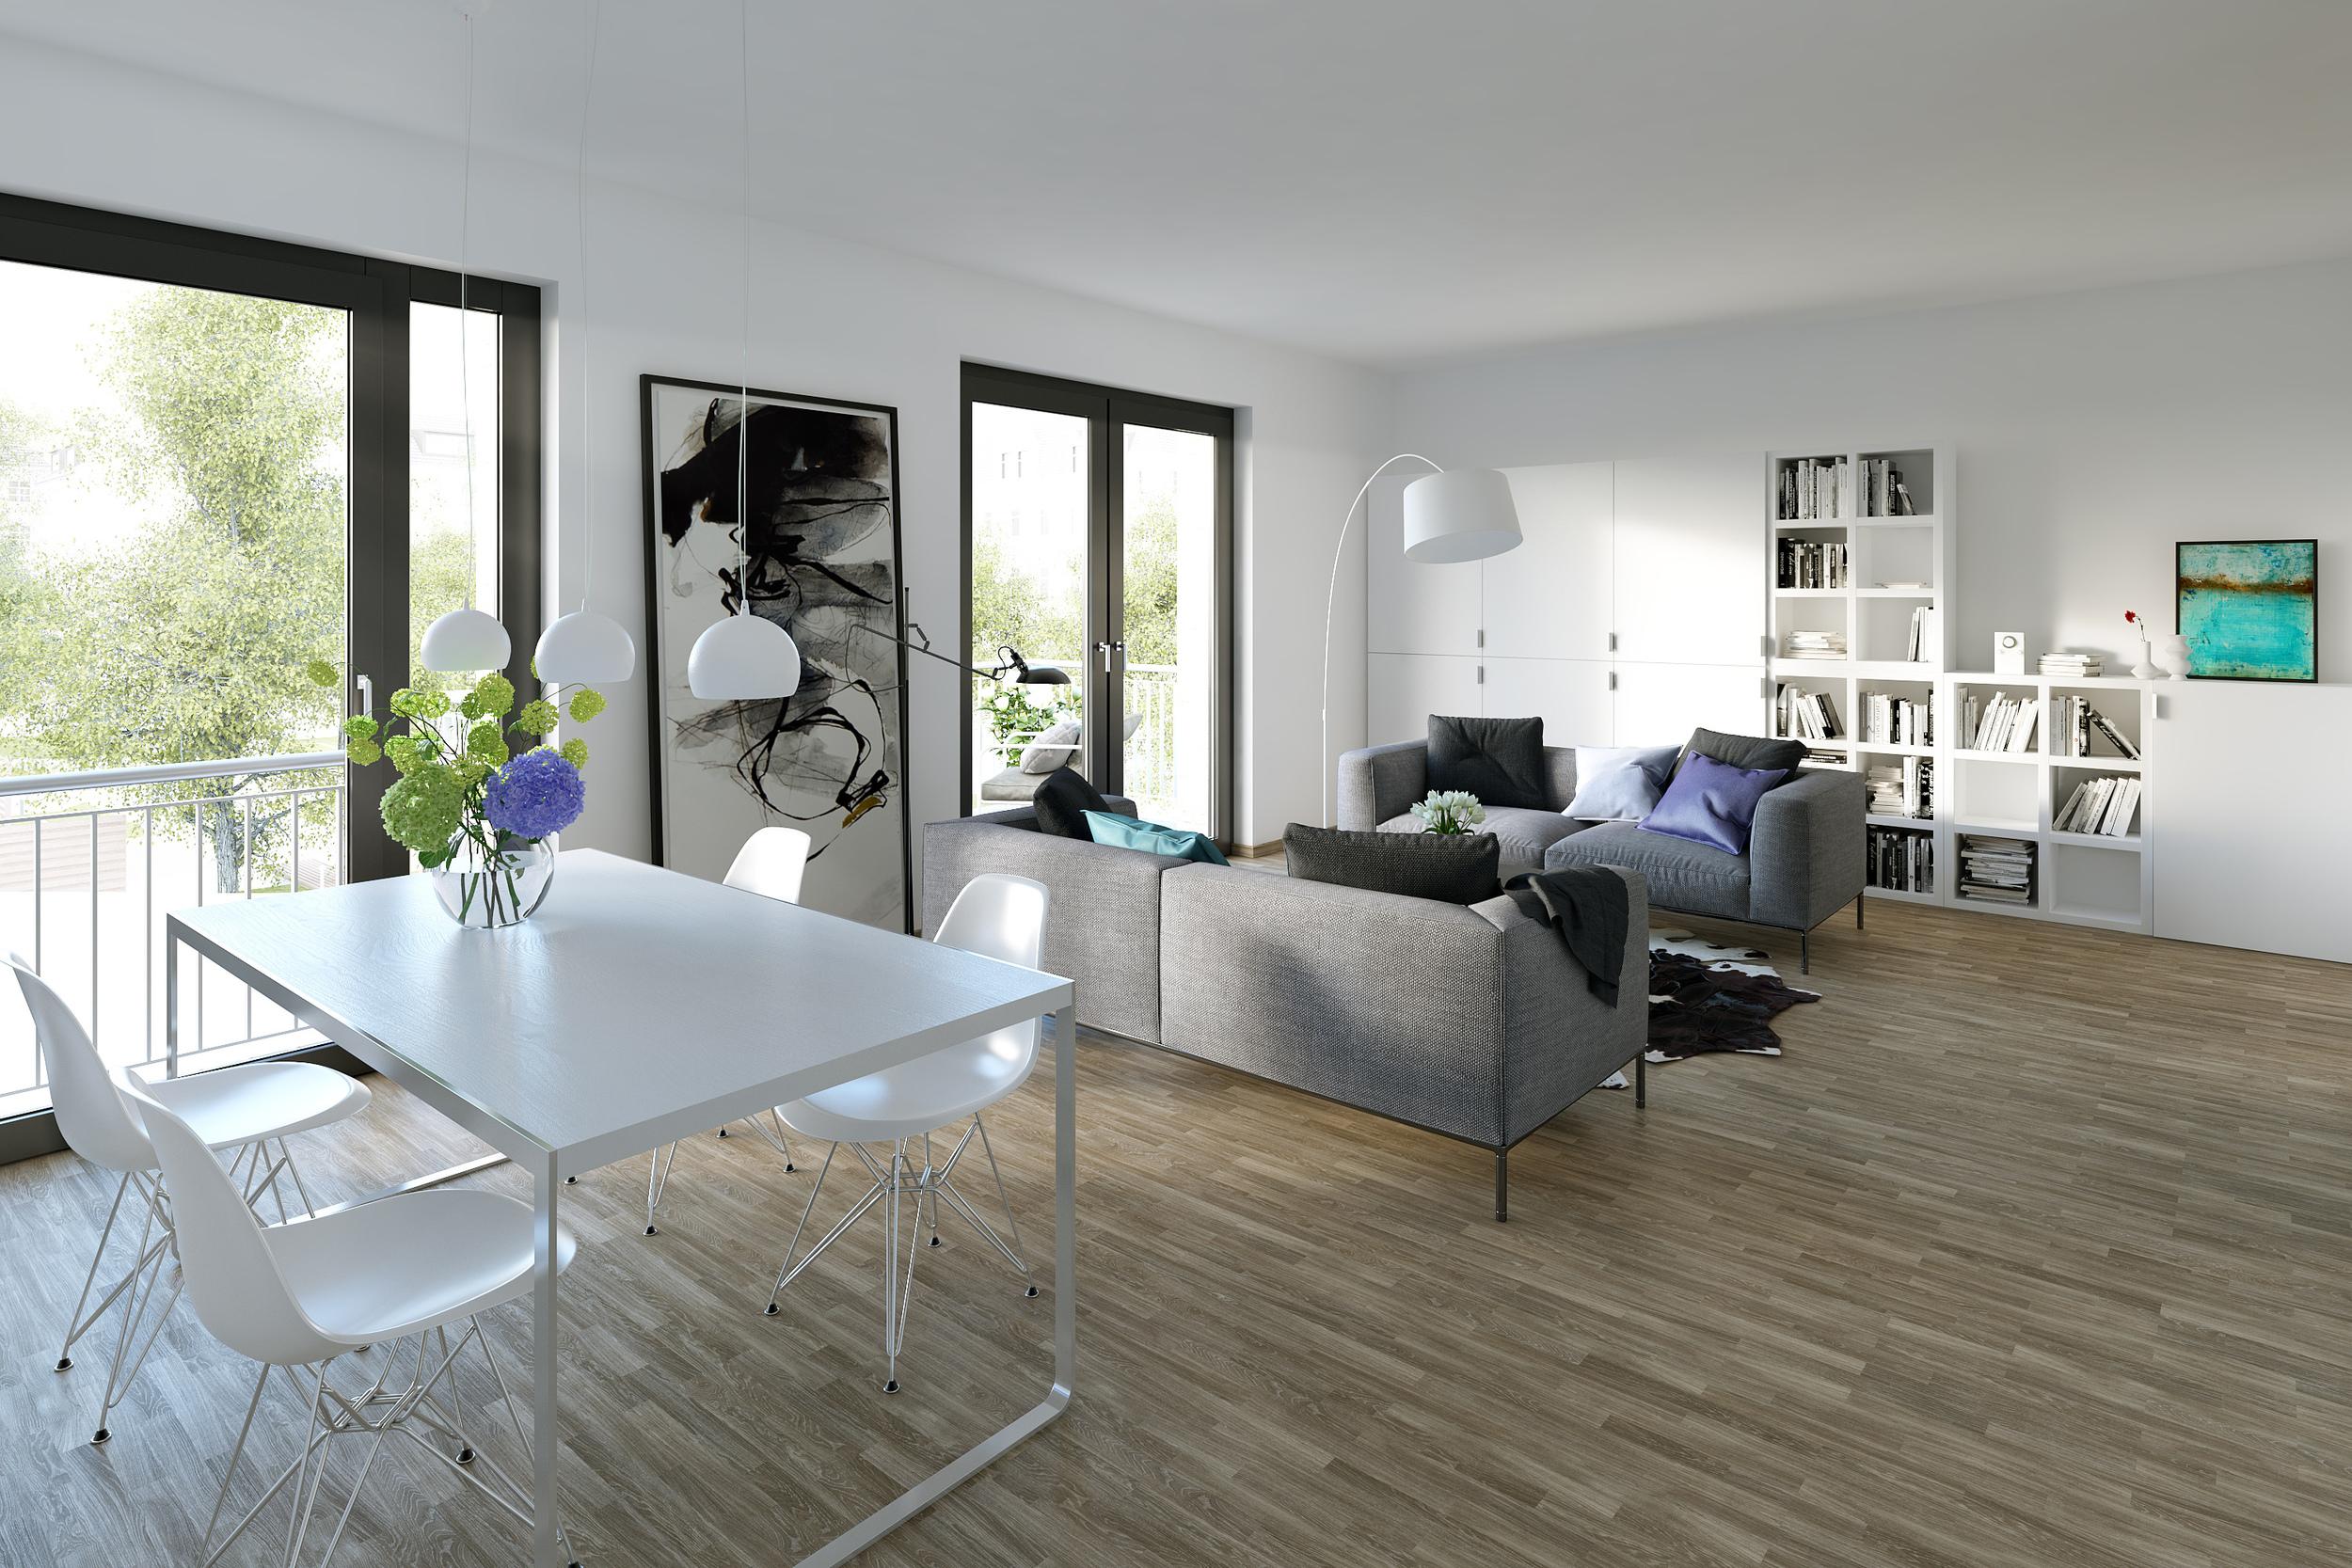 meravis - tizian atelier hannover - wohnen01 - 03.jpg